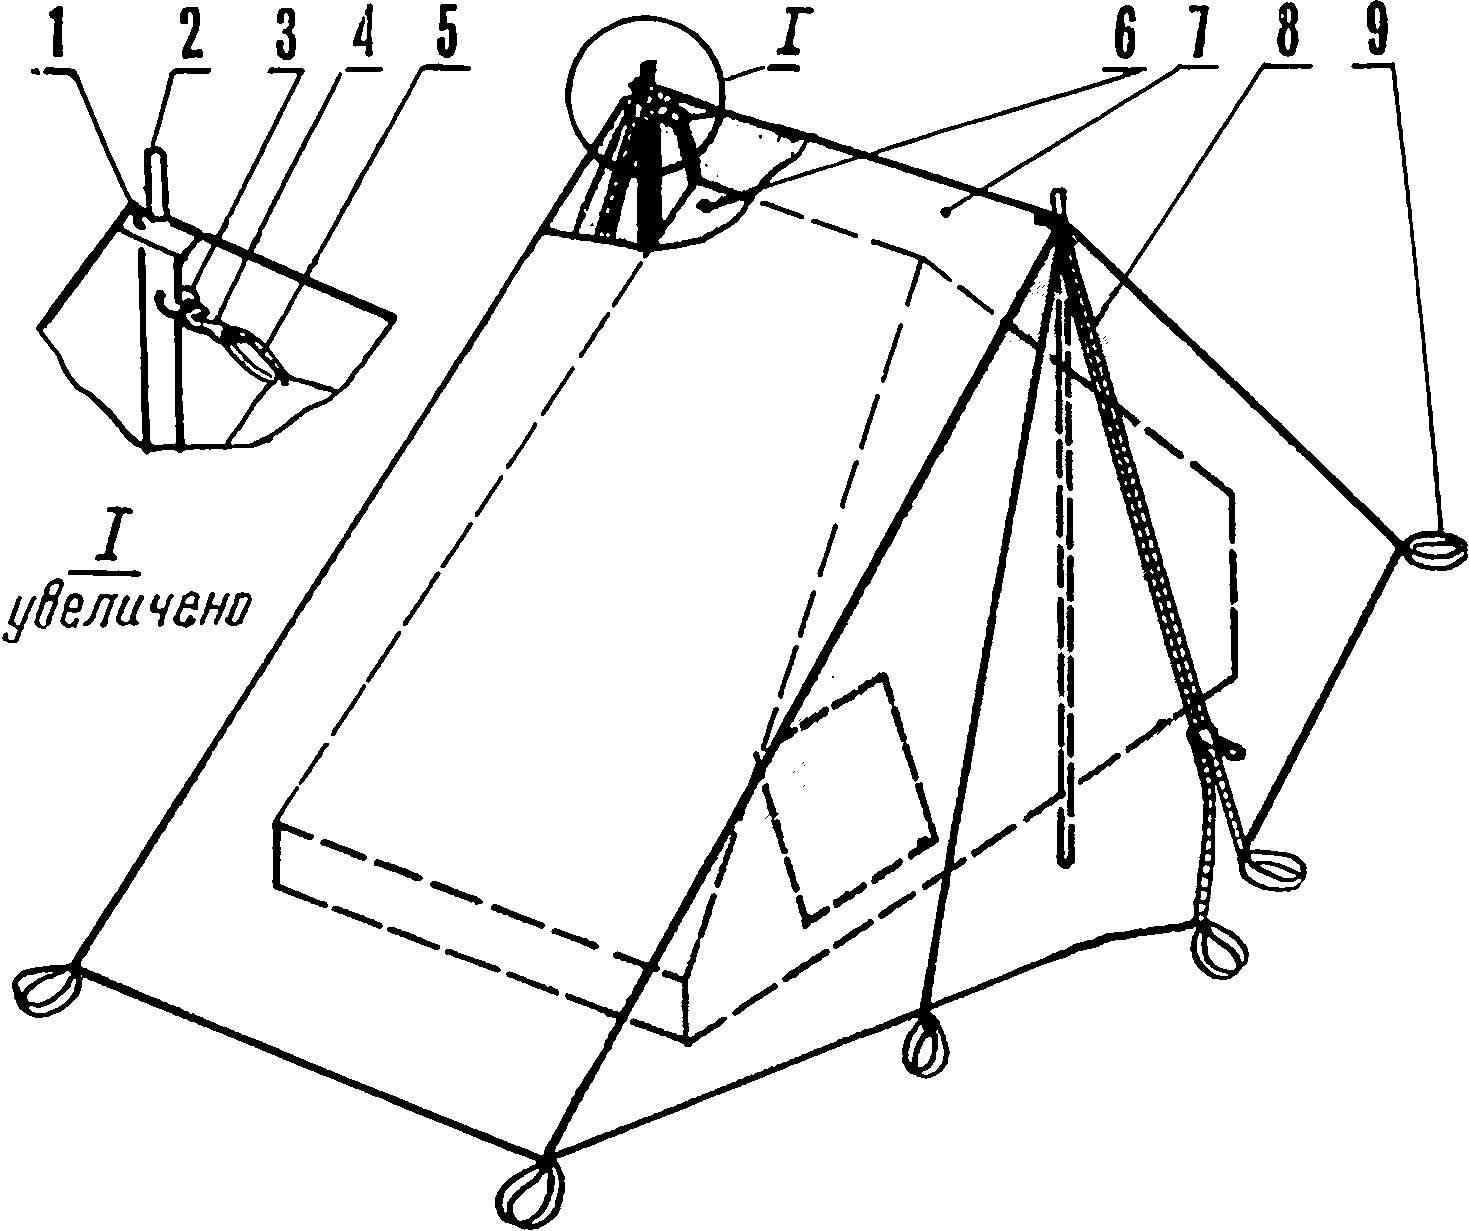 Рис. 1. Палатка/